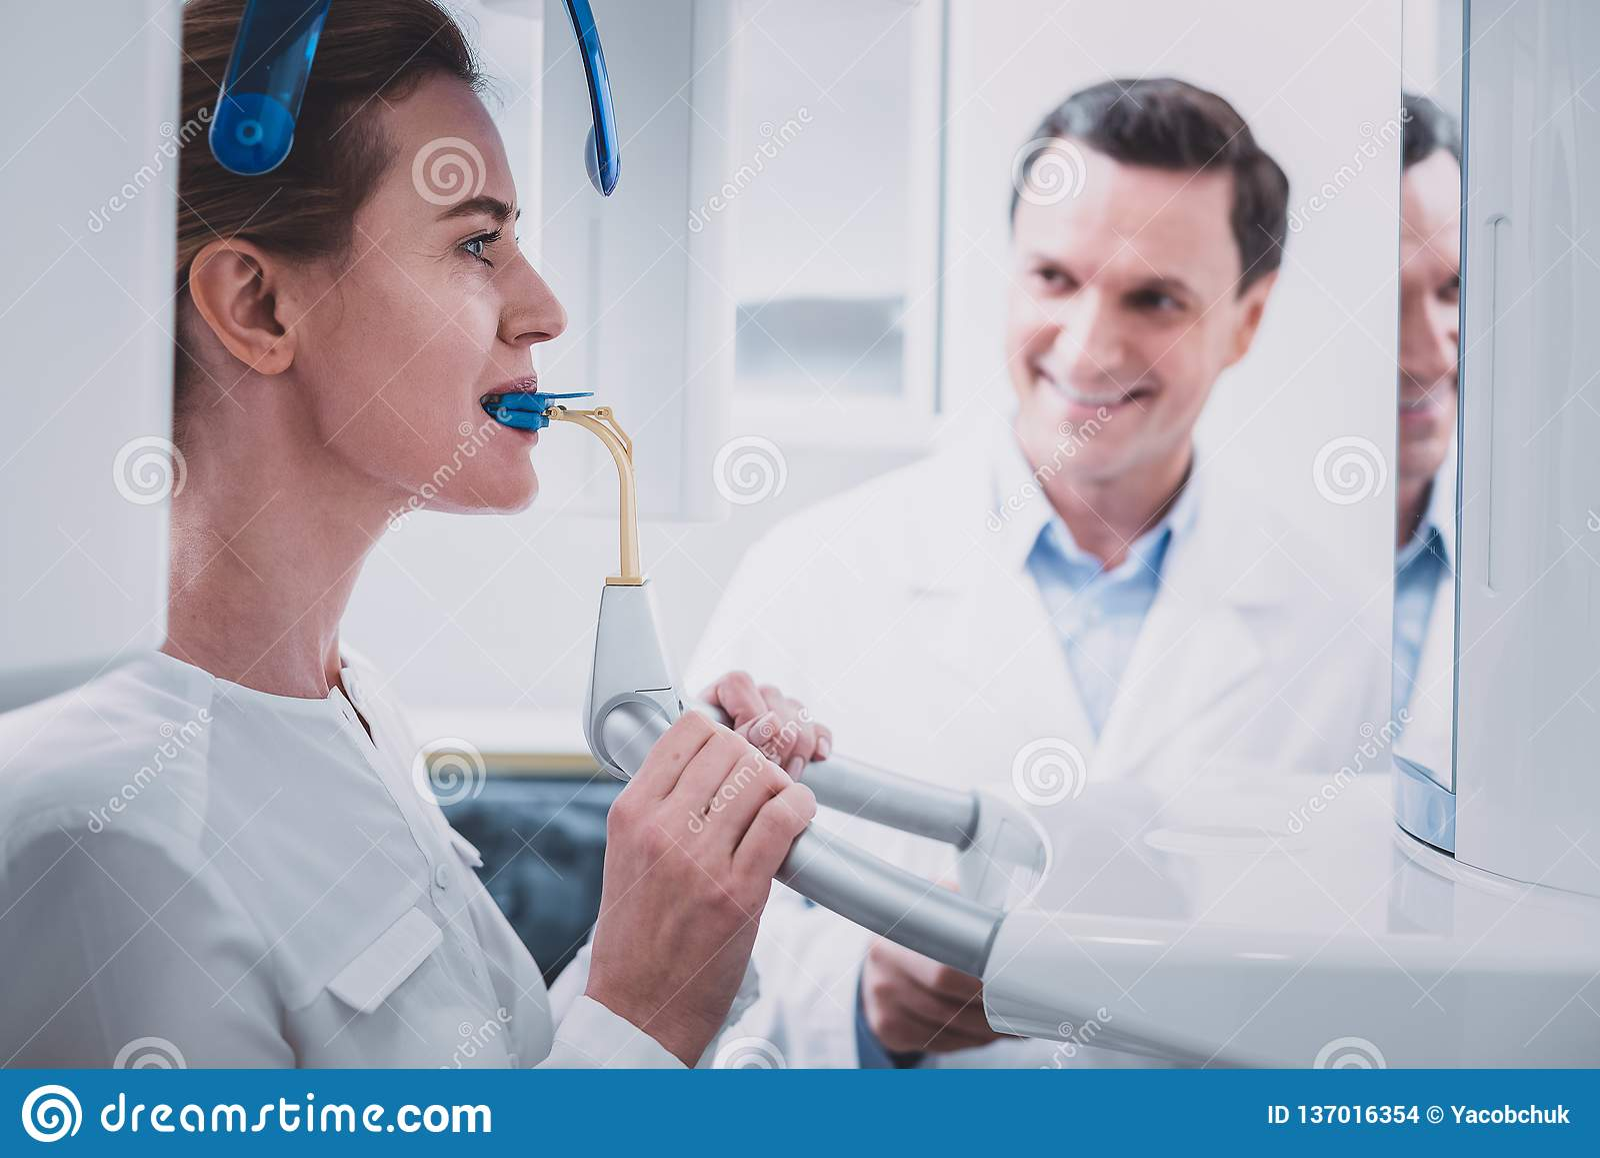 Θετικός ευχαριστημένος οδοντίατρος που εξετάζει το νέο ασθενή του